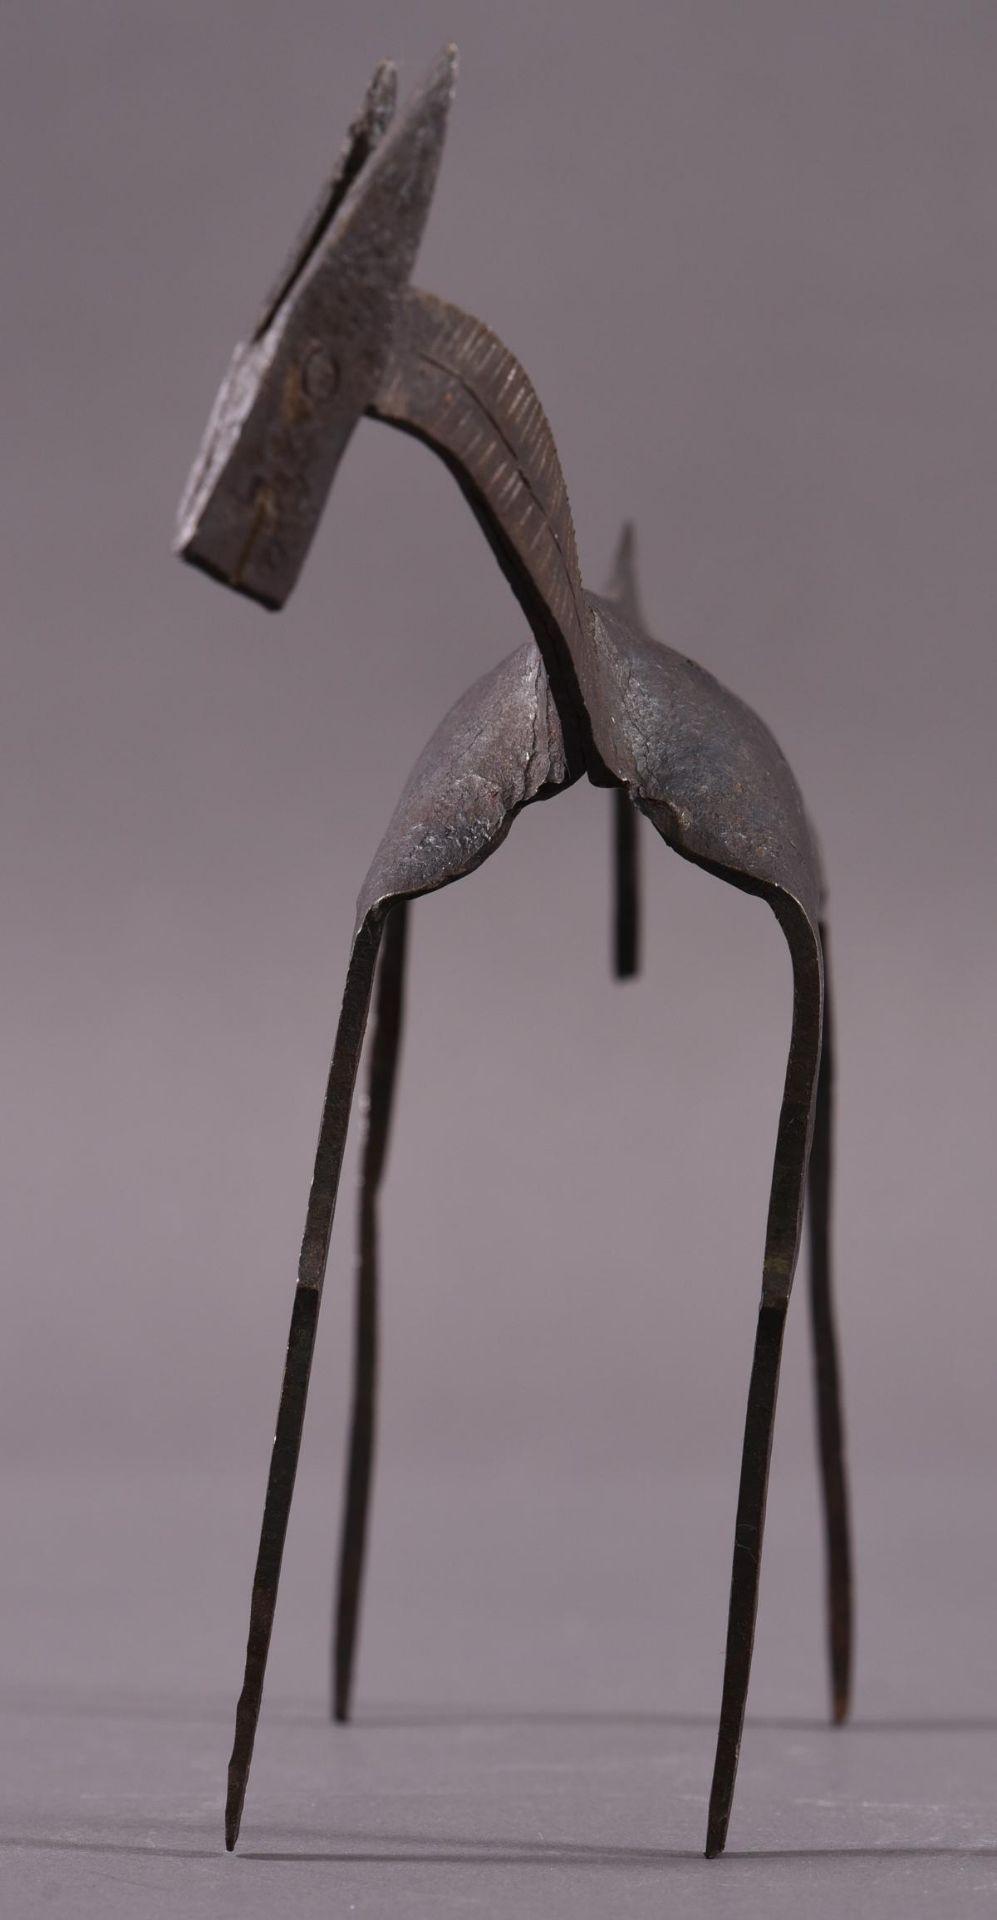 Eisenskulptur in Form einer Gazelle, unbekannter Künstler des 20. JahrhundertCa. 24,5 x 8 x 35 cm. - Bild 6 aus 6